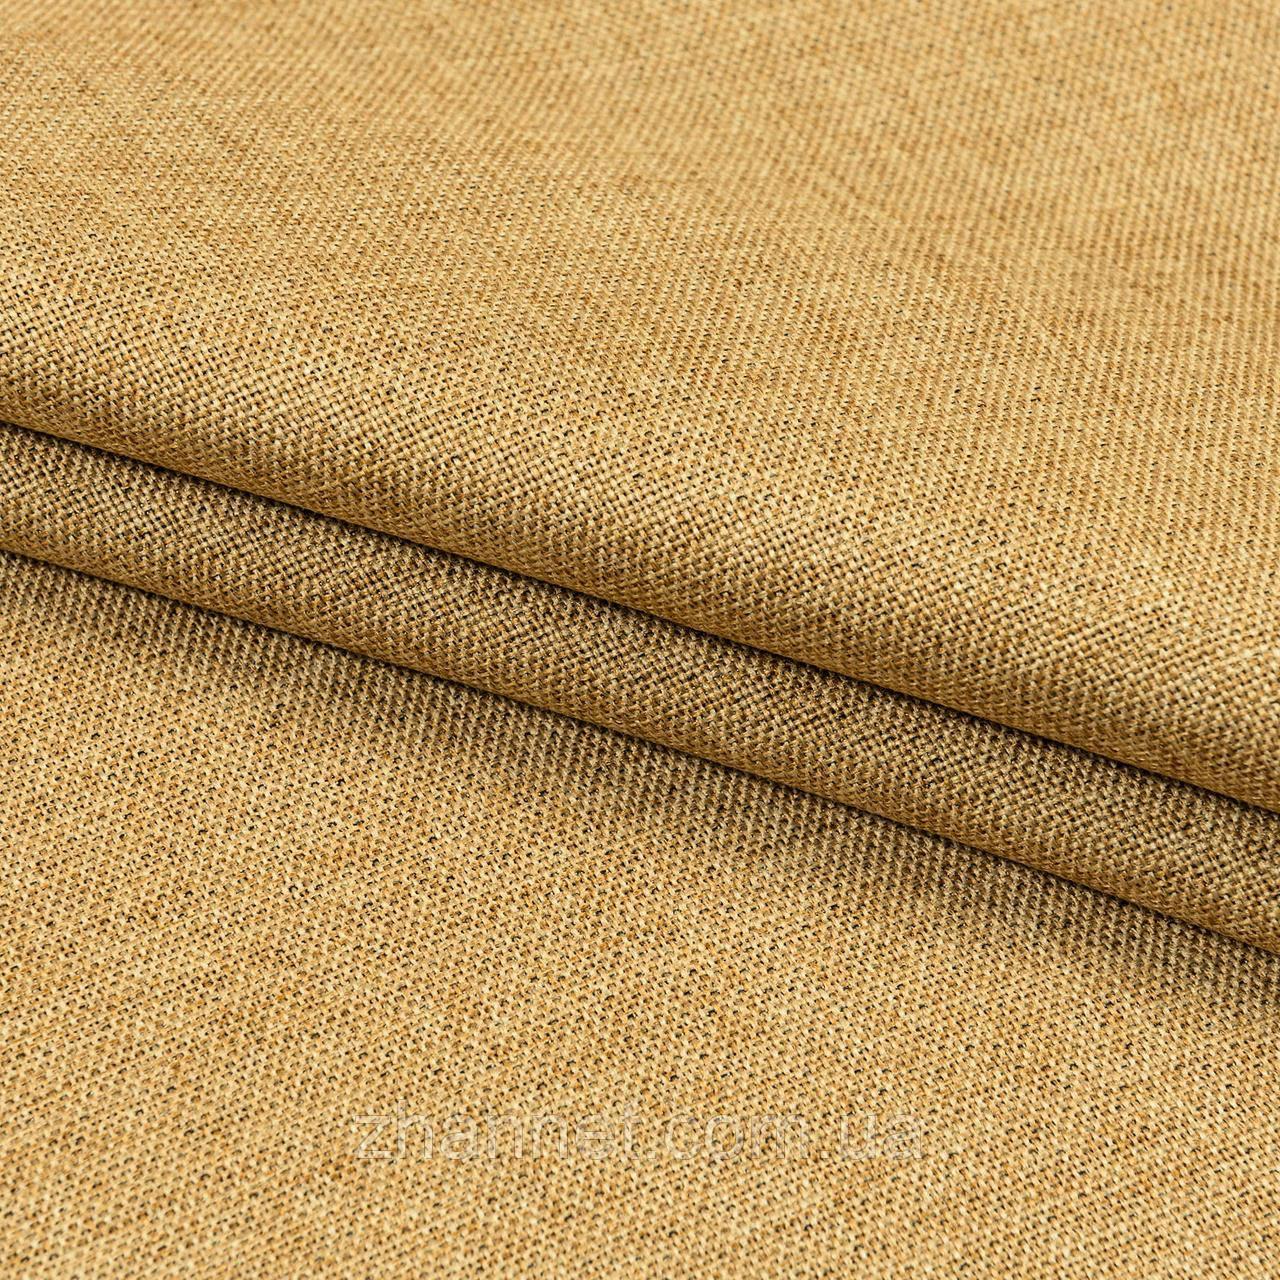 Ткань Блекаут рогожка золото 280 см (207821)